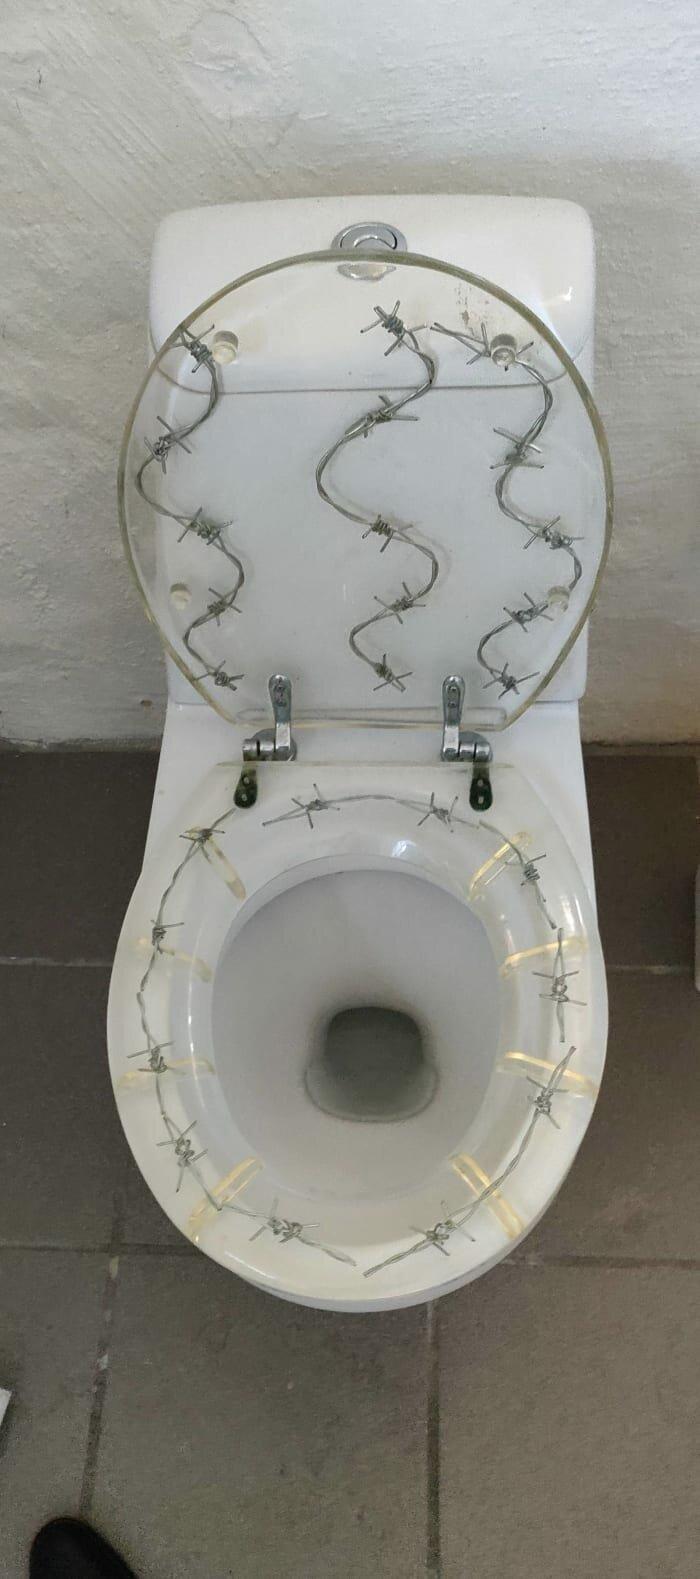 11. Стульчак с колючей проволокой внутри дизайнеры, и так сойдет, ляпы, нелепо, смешно, строители, туалет, фейлы